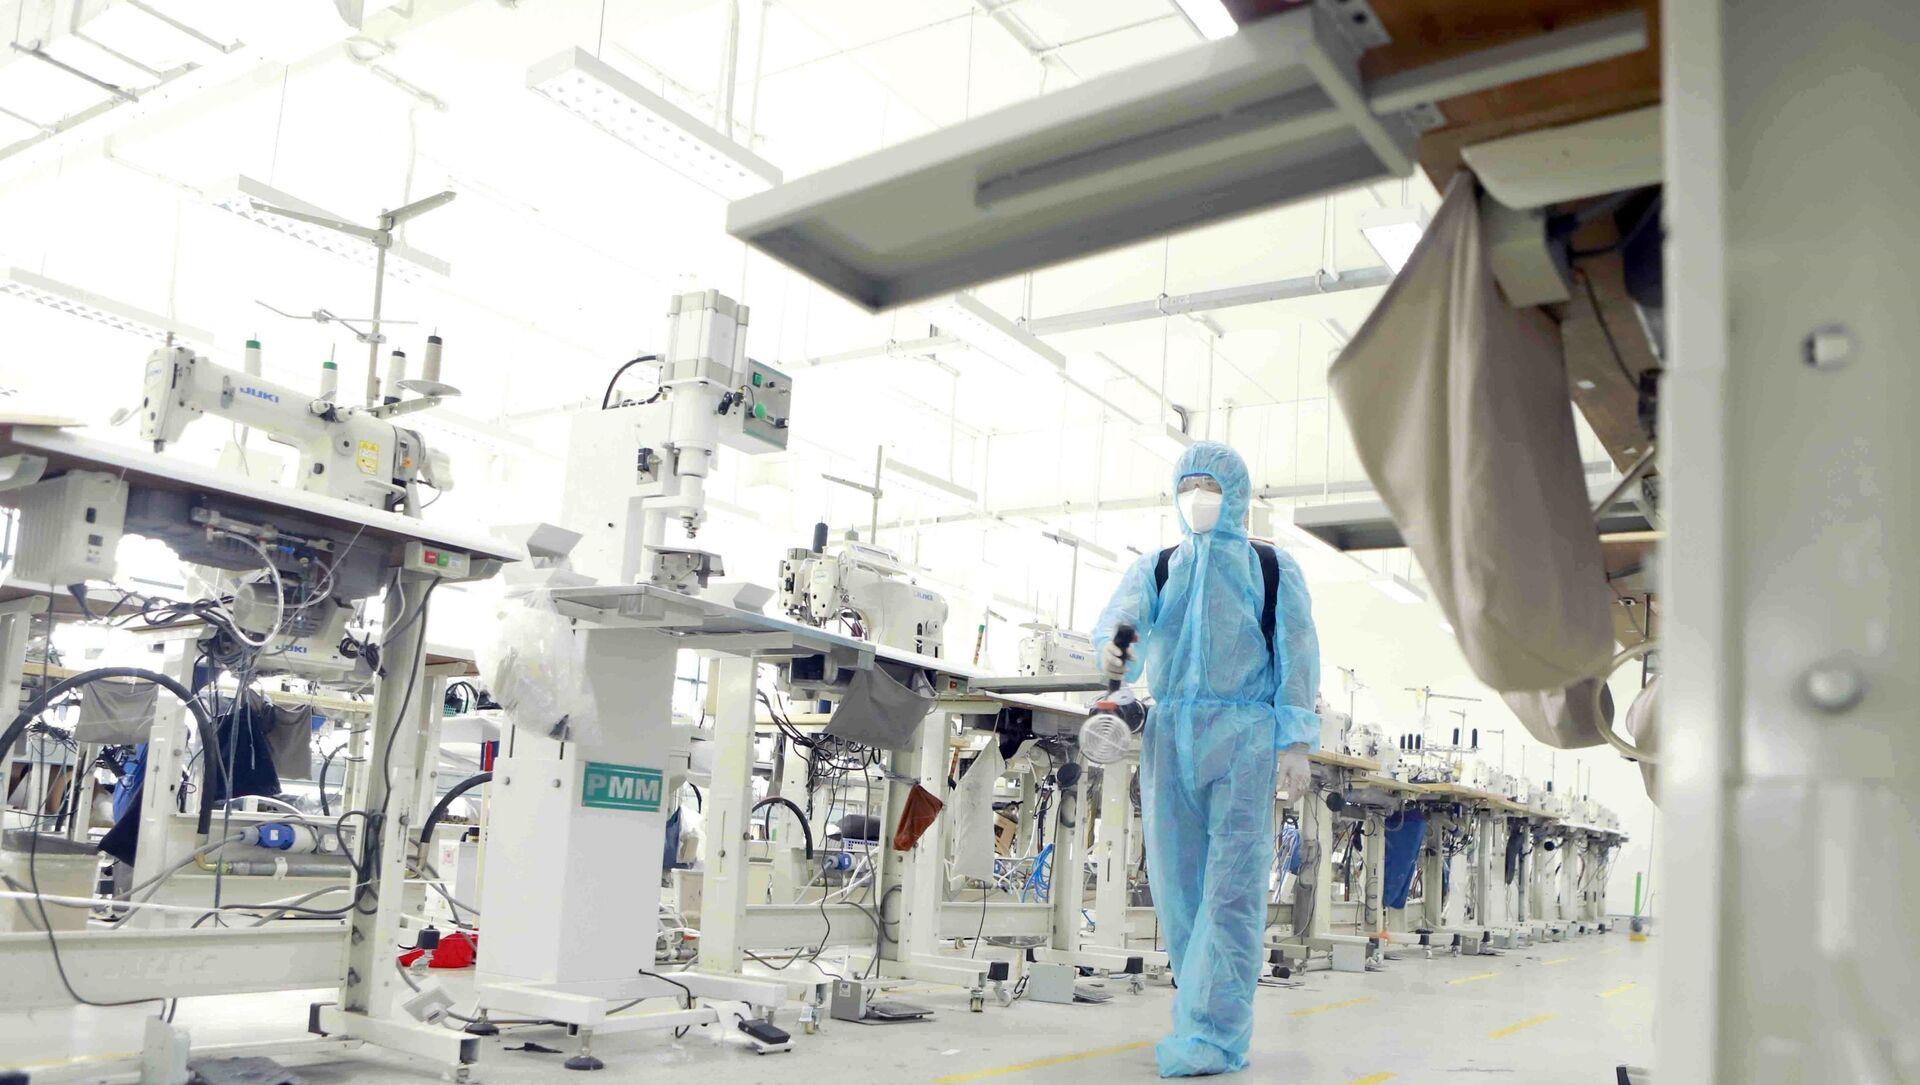 Phun khử khuẩn phòng chống COVID-19 tại phân xưởng A nơi công nhân A làm việc. - Sputnik Việt Nam, 1920, 25.06.2021